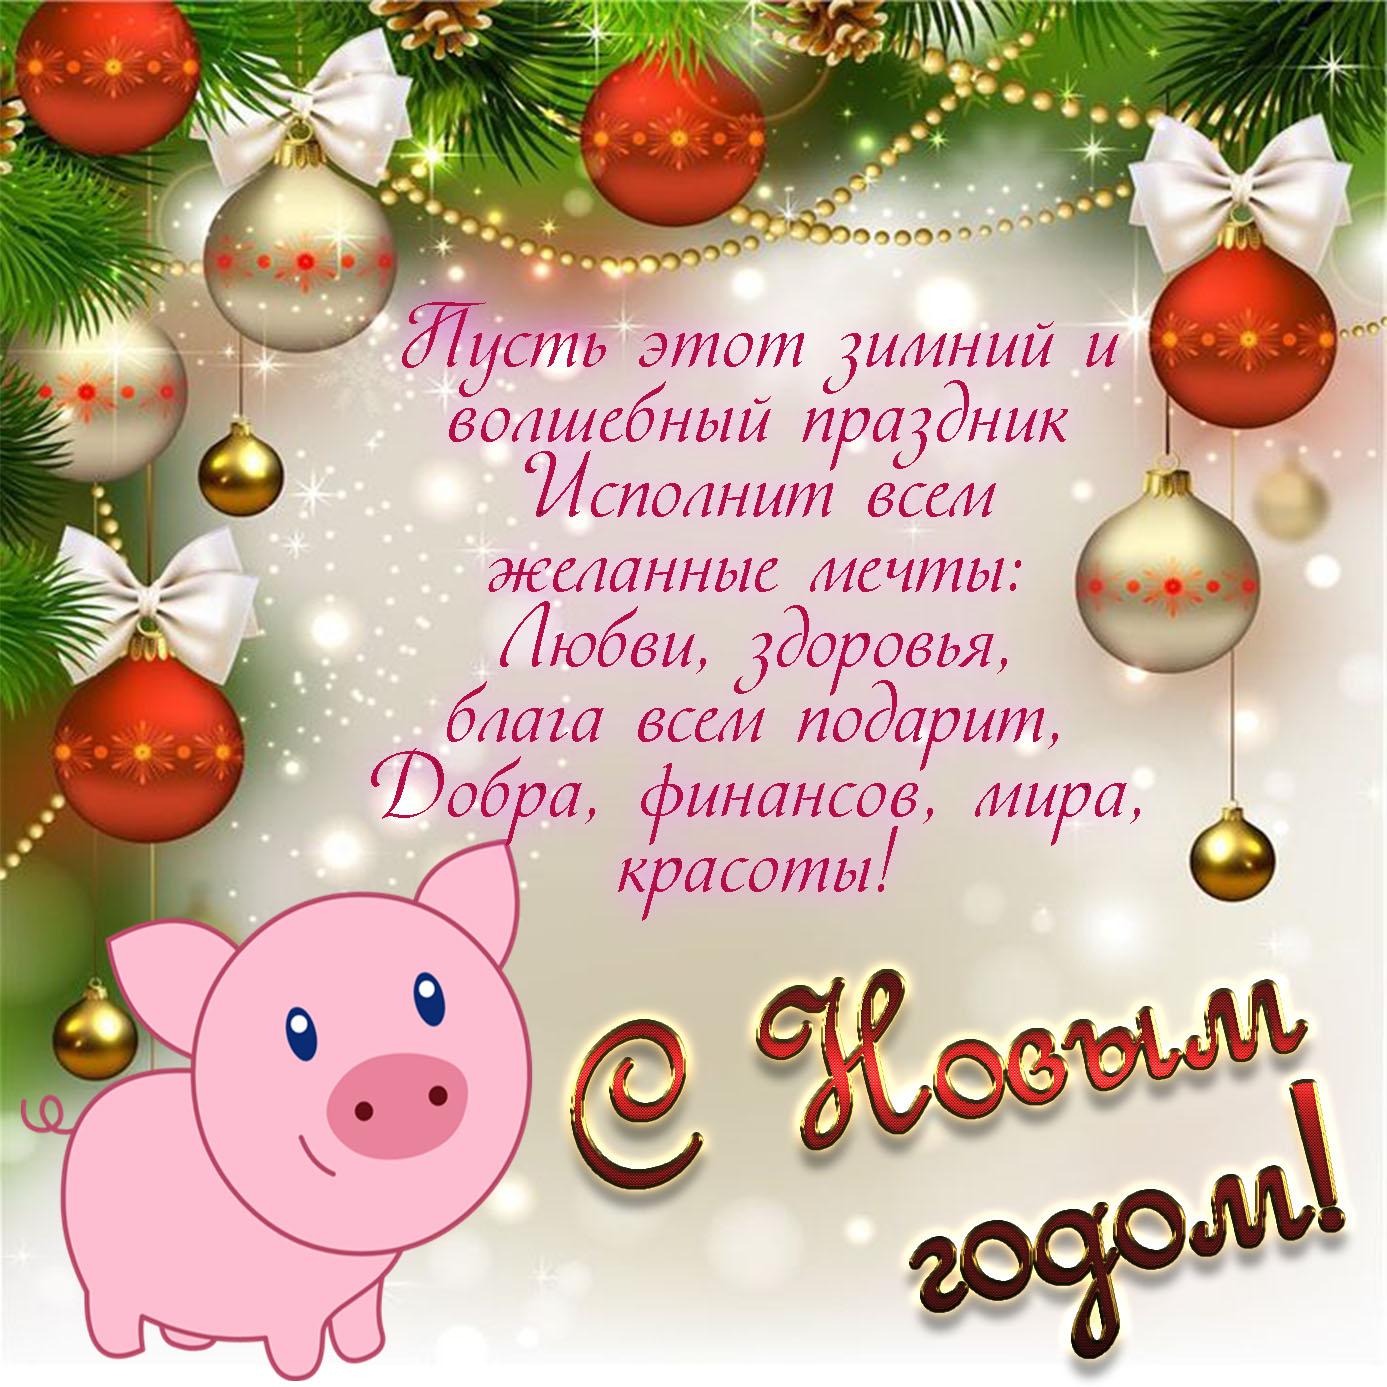 Картинка с пожеланием и свиньей к Новому году